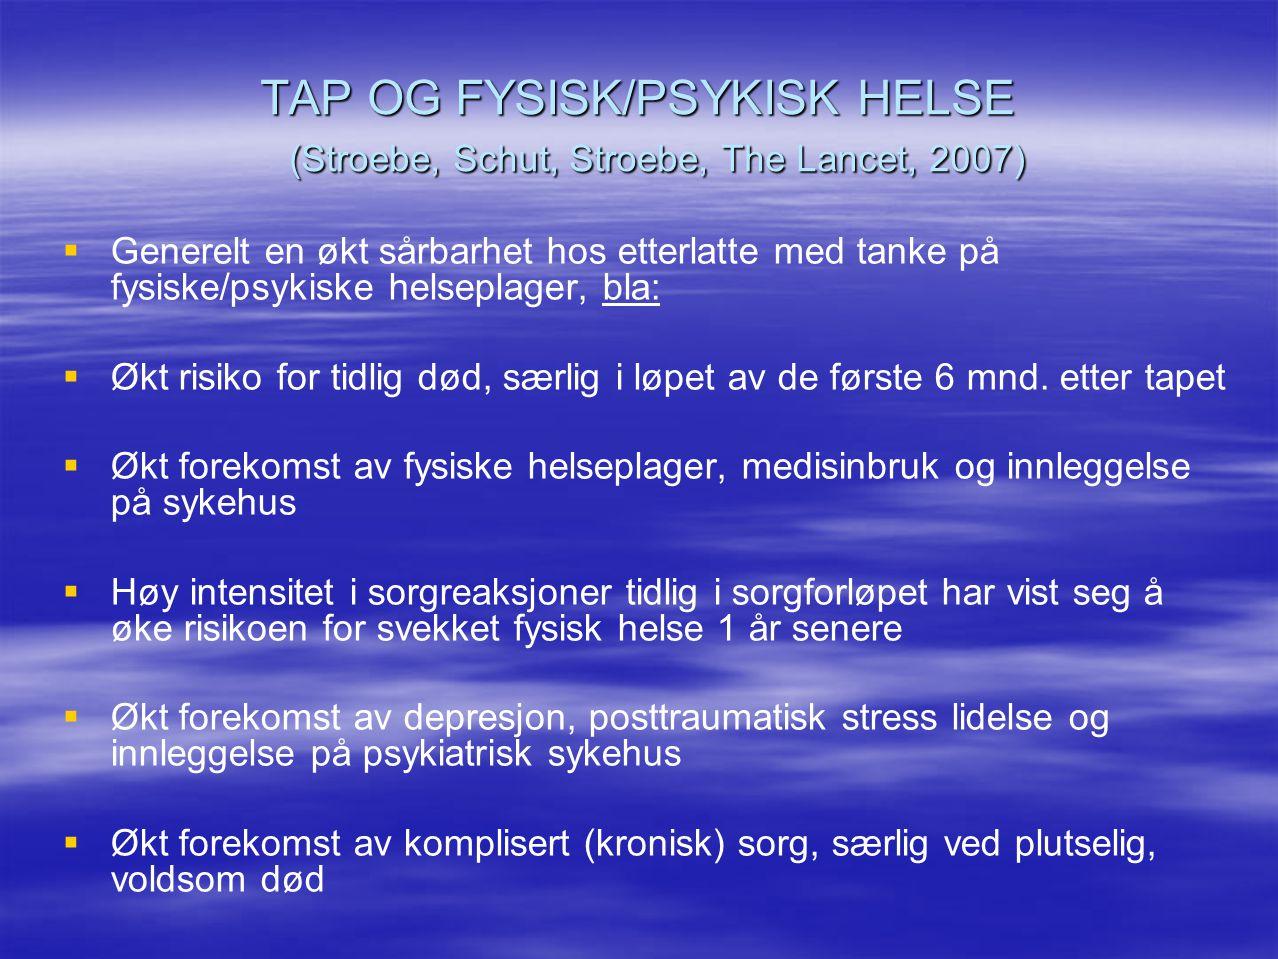 TAP OG FYSISK/PSYKISK HELSE (Stroebe, Schut, Stroebe, The Lancet, 2007)